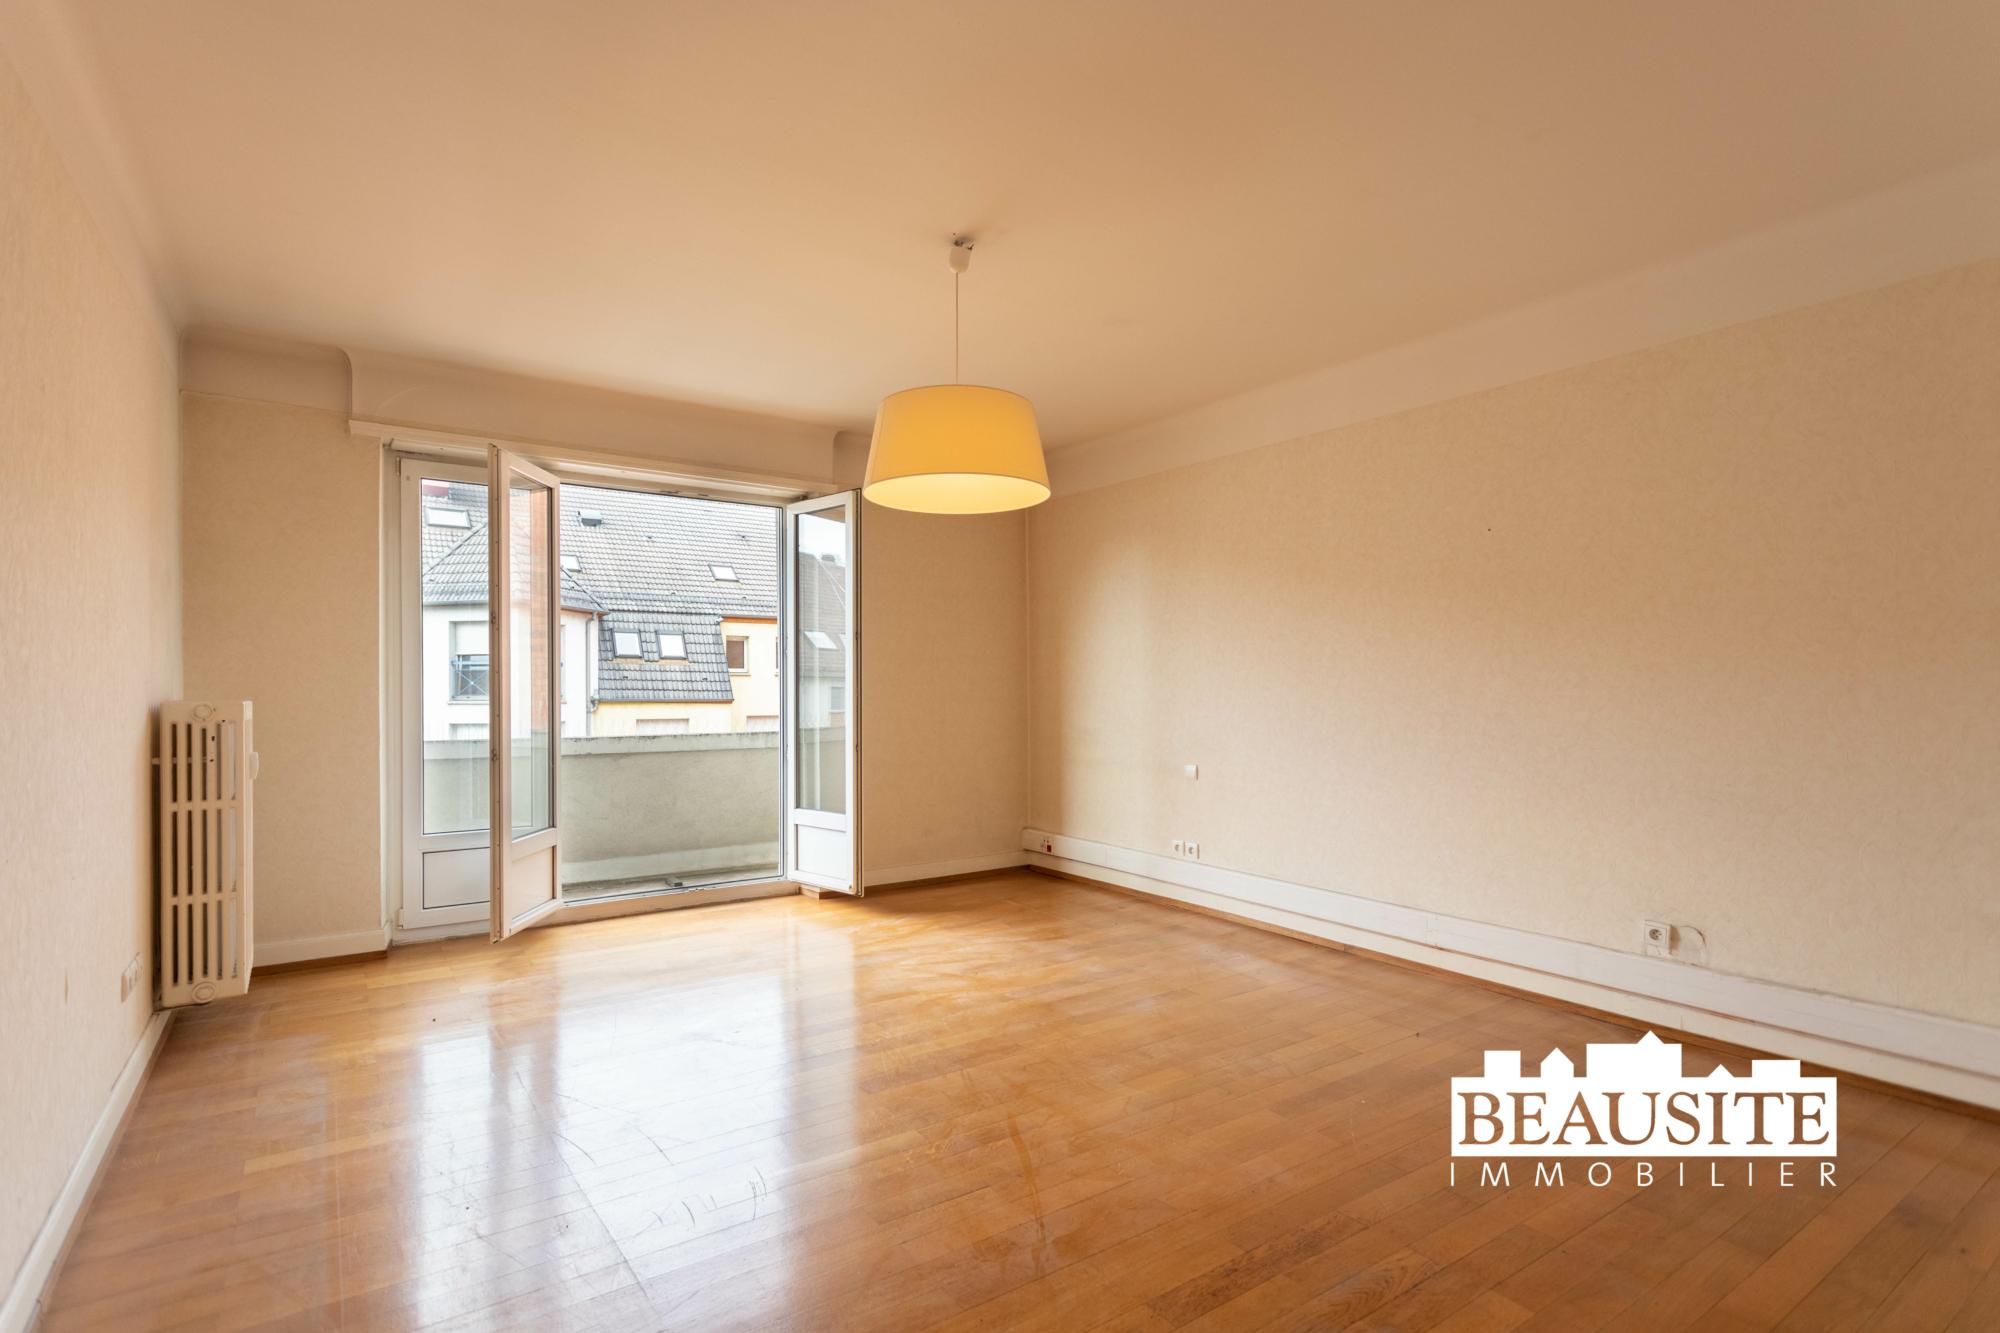 [Prosper] Le local professionnel qu'il vous faut… pour que votre activité prospère ! - Strasbourg / boulevard Wilson - nos ventes - Beausite Immobilier 10